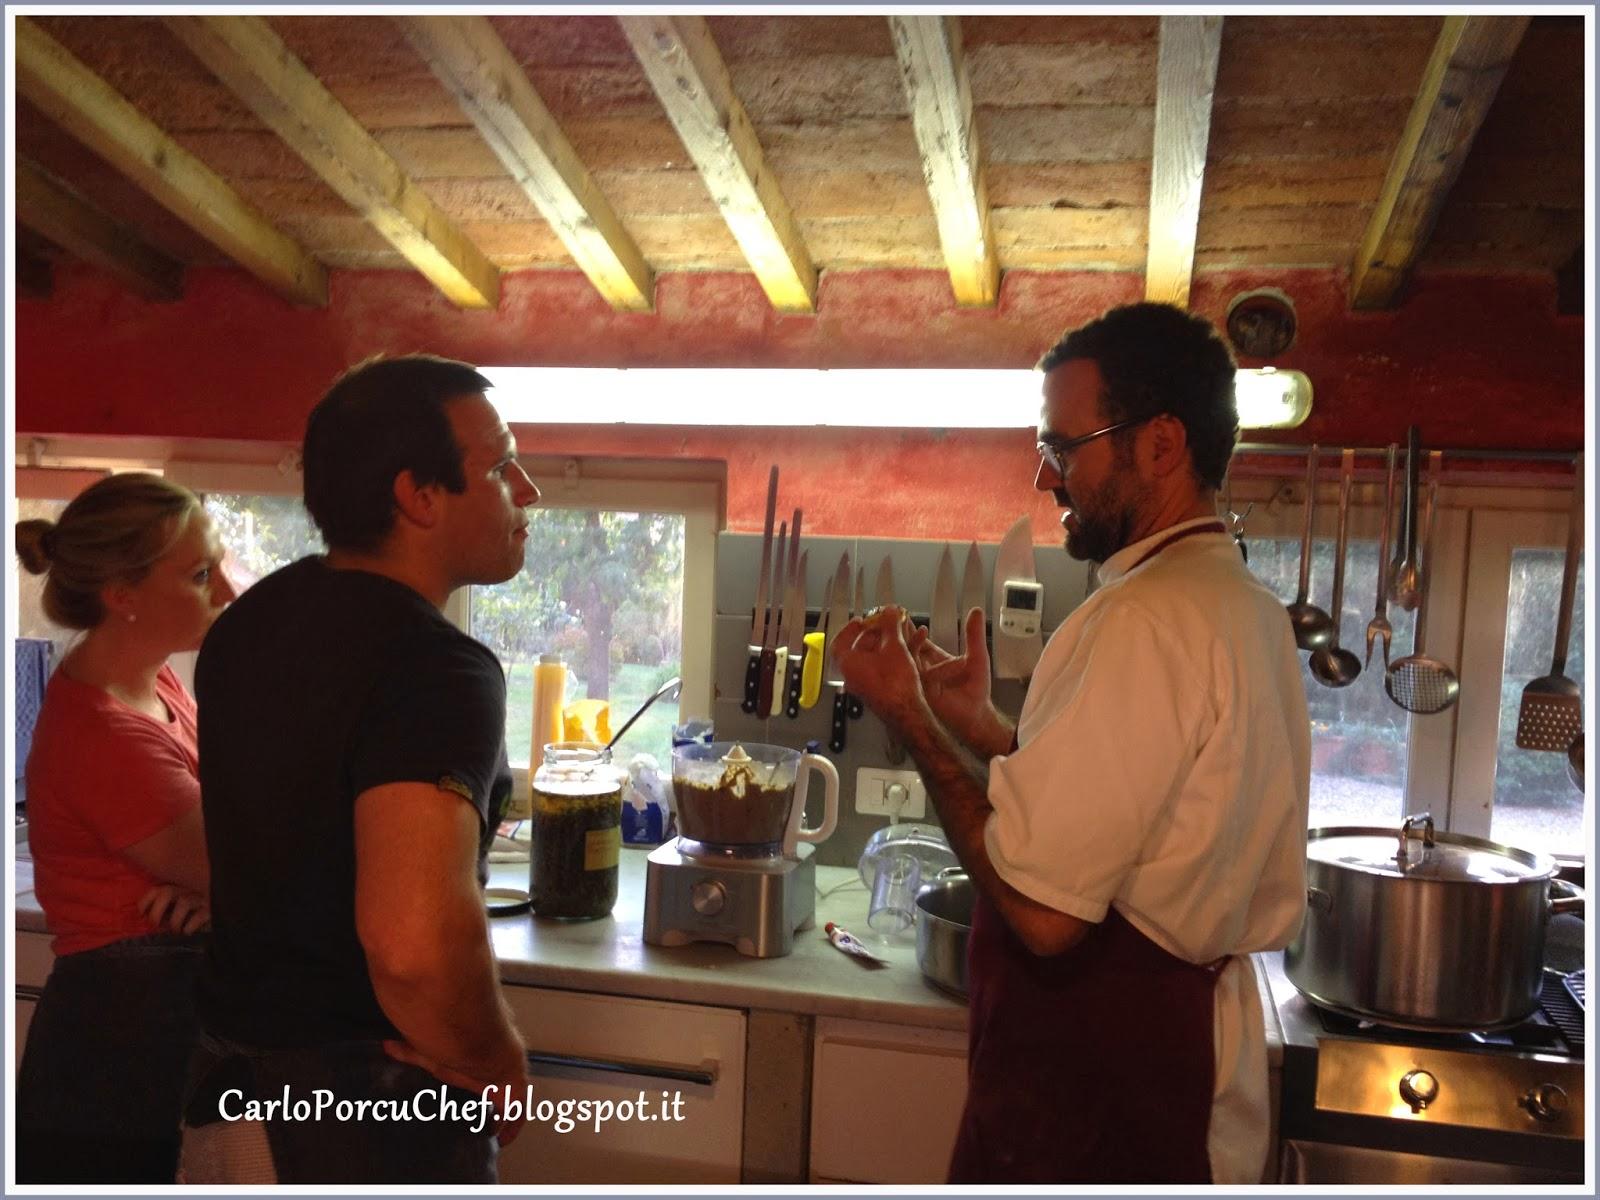 carlo porcu chef: in cucina con lo chef carlo - Basi Di Cucina